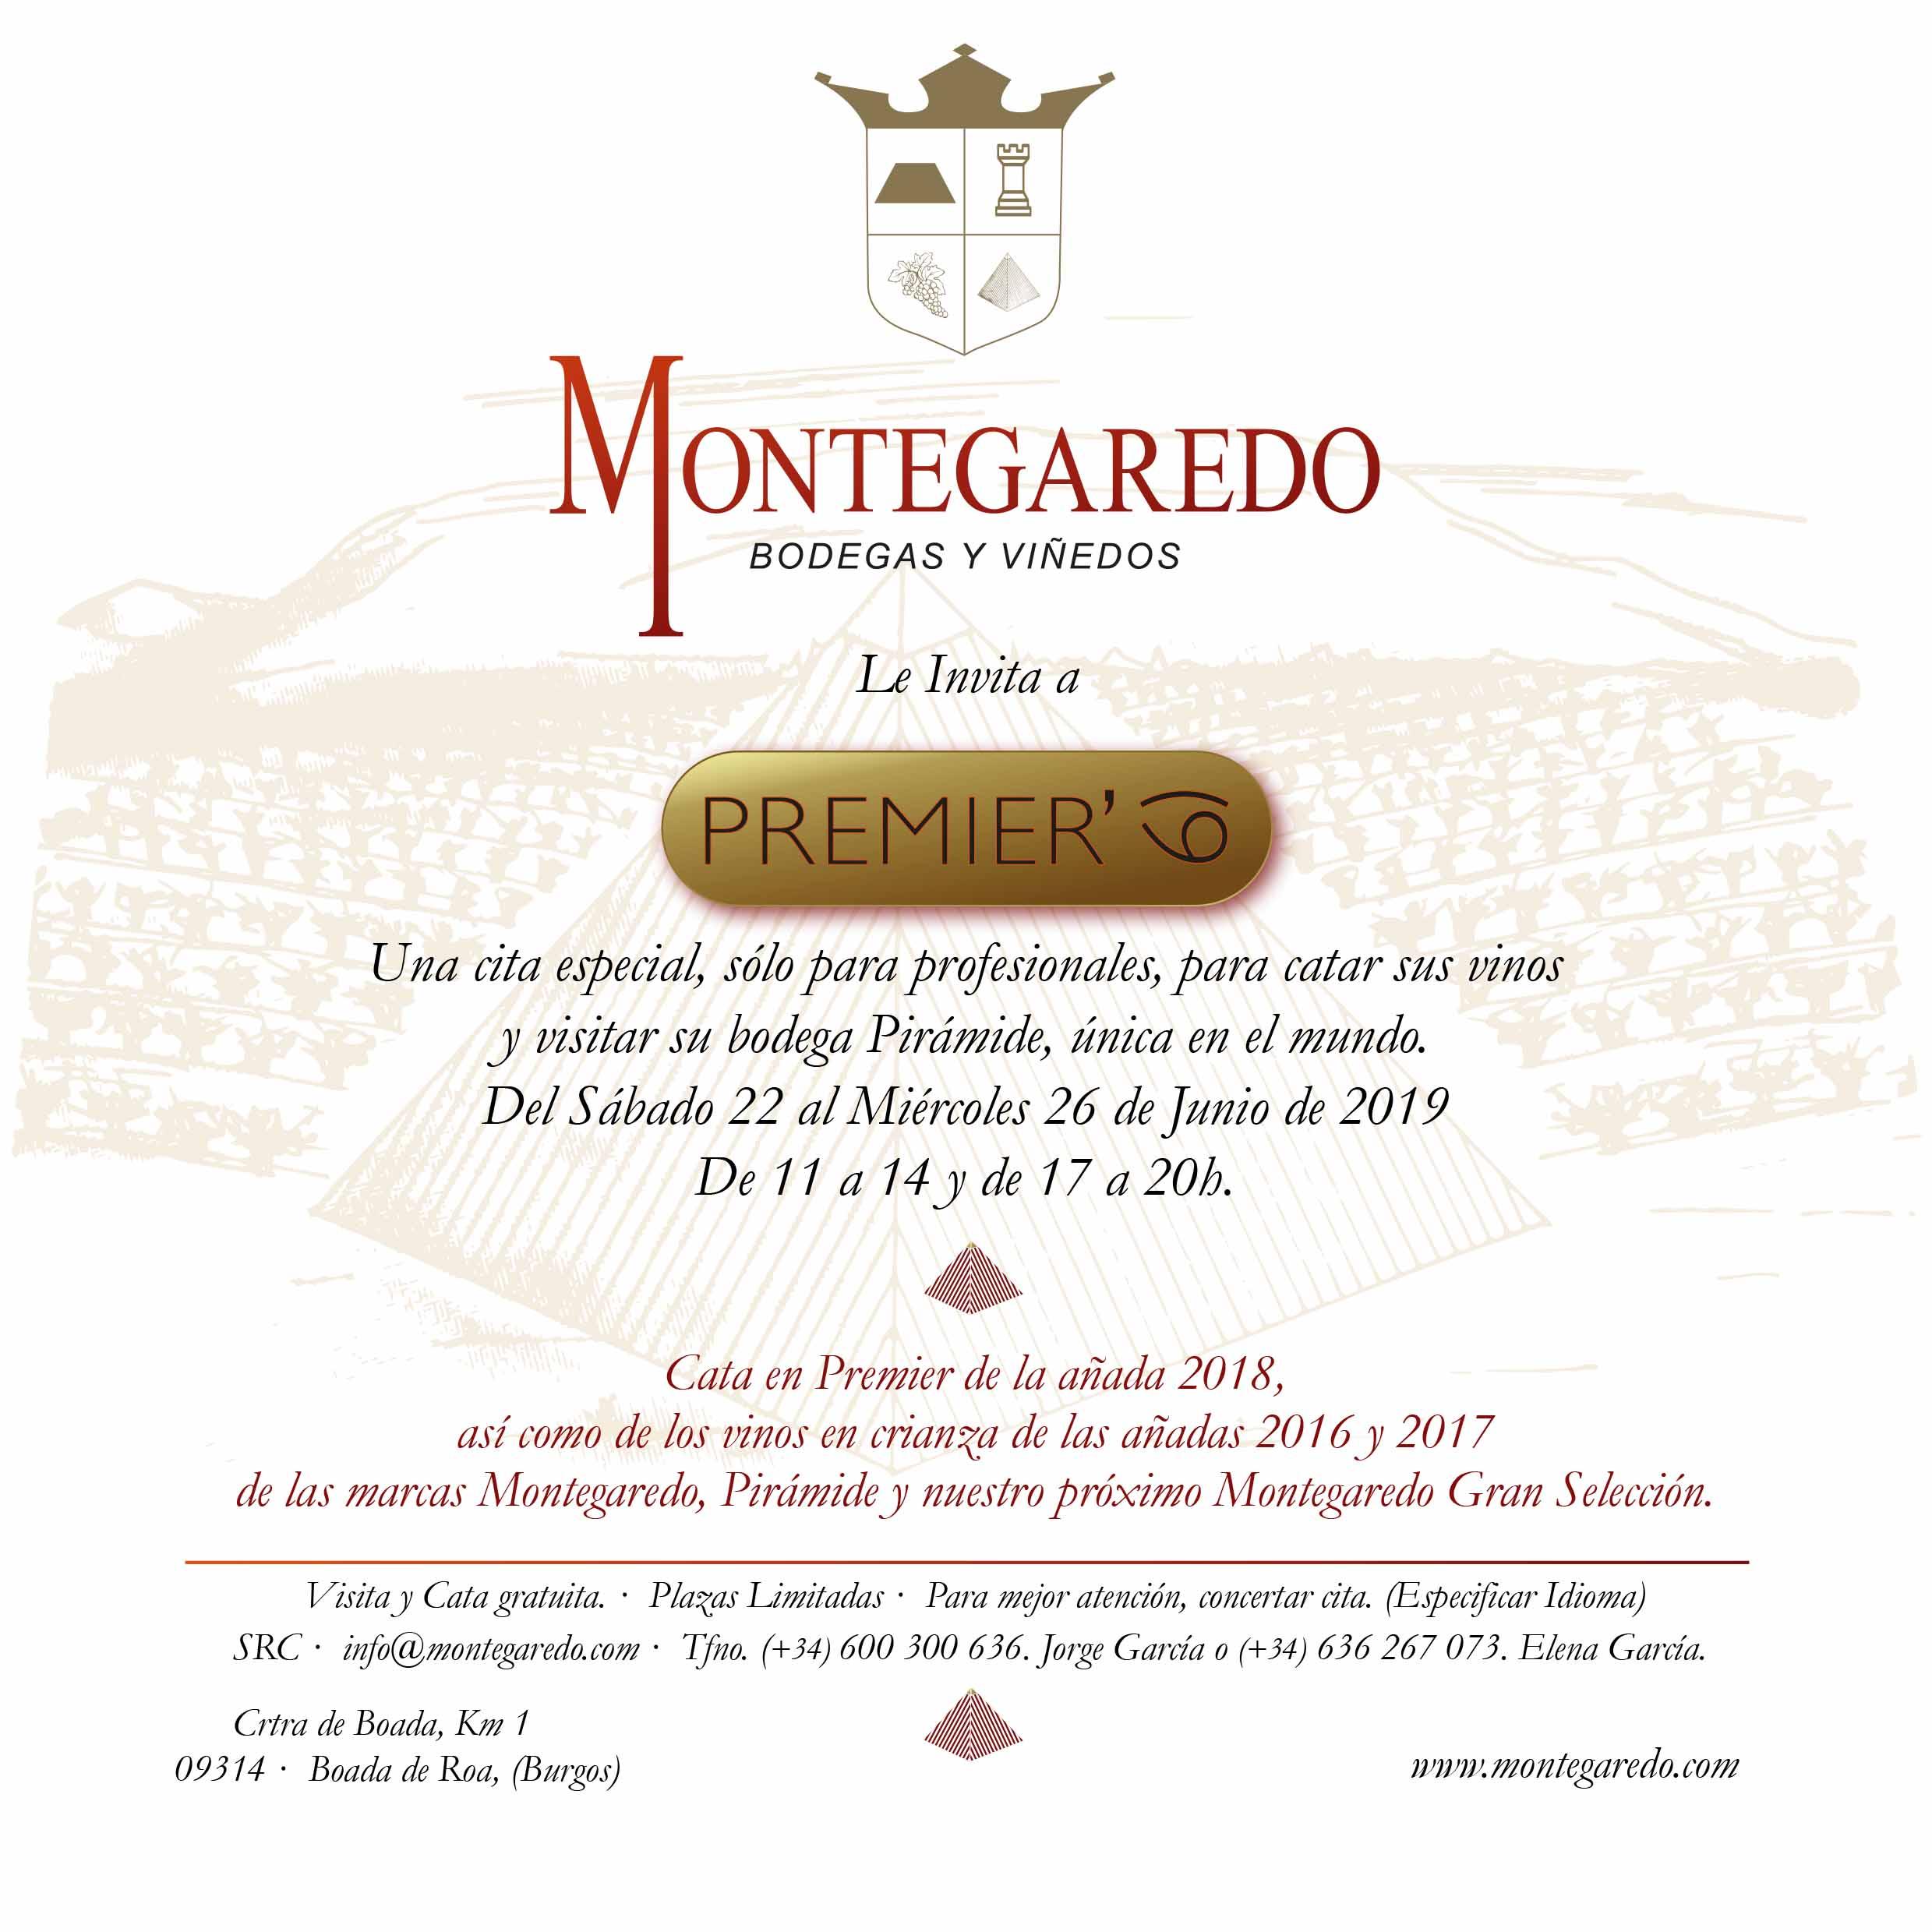 INVITACION PREMIER 19 MONTEGAREDO , PIRAMIDE, RIBERA DEL DUERO